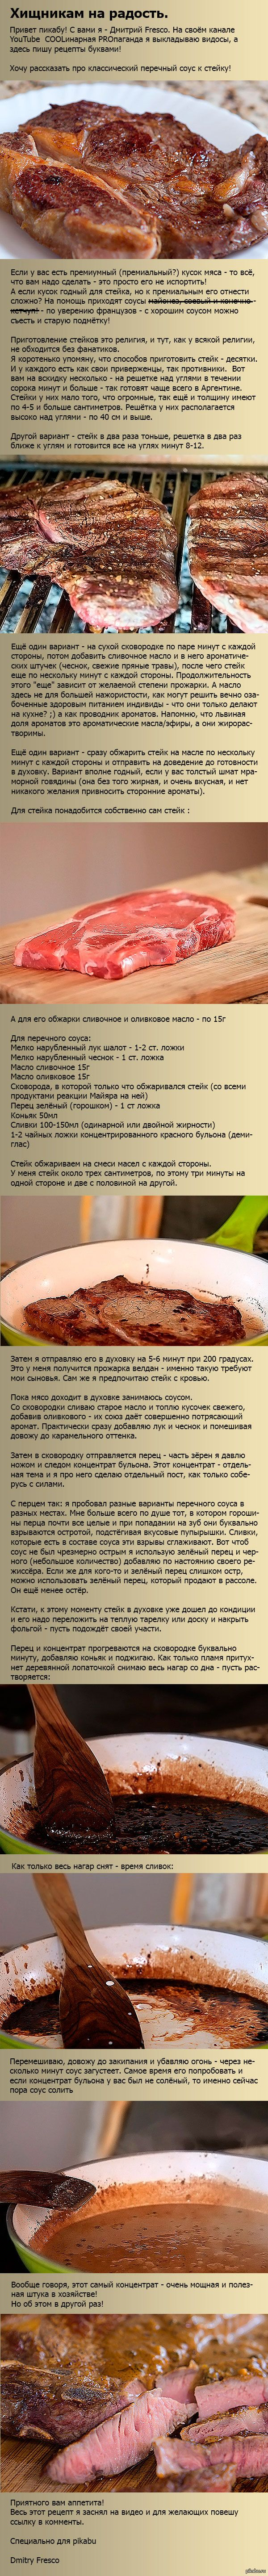 Хищникам на радость стейк и классический перечный соус